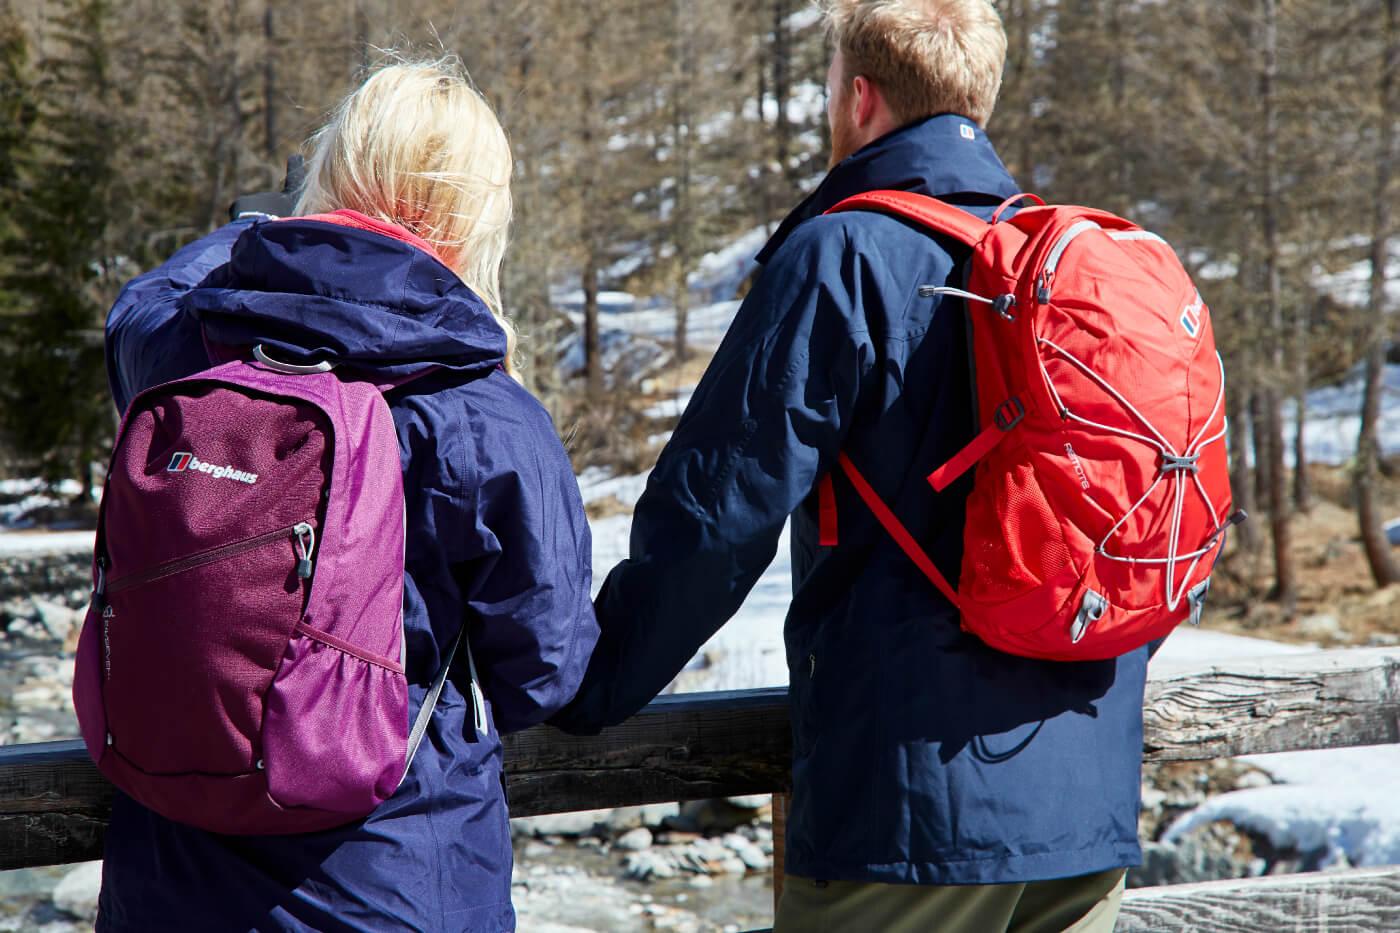 37b180d8b7f2e Jak wybrać plecak turystyczny  - 8academy.pl - portal górski i ...